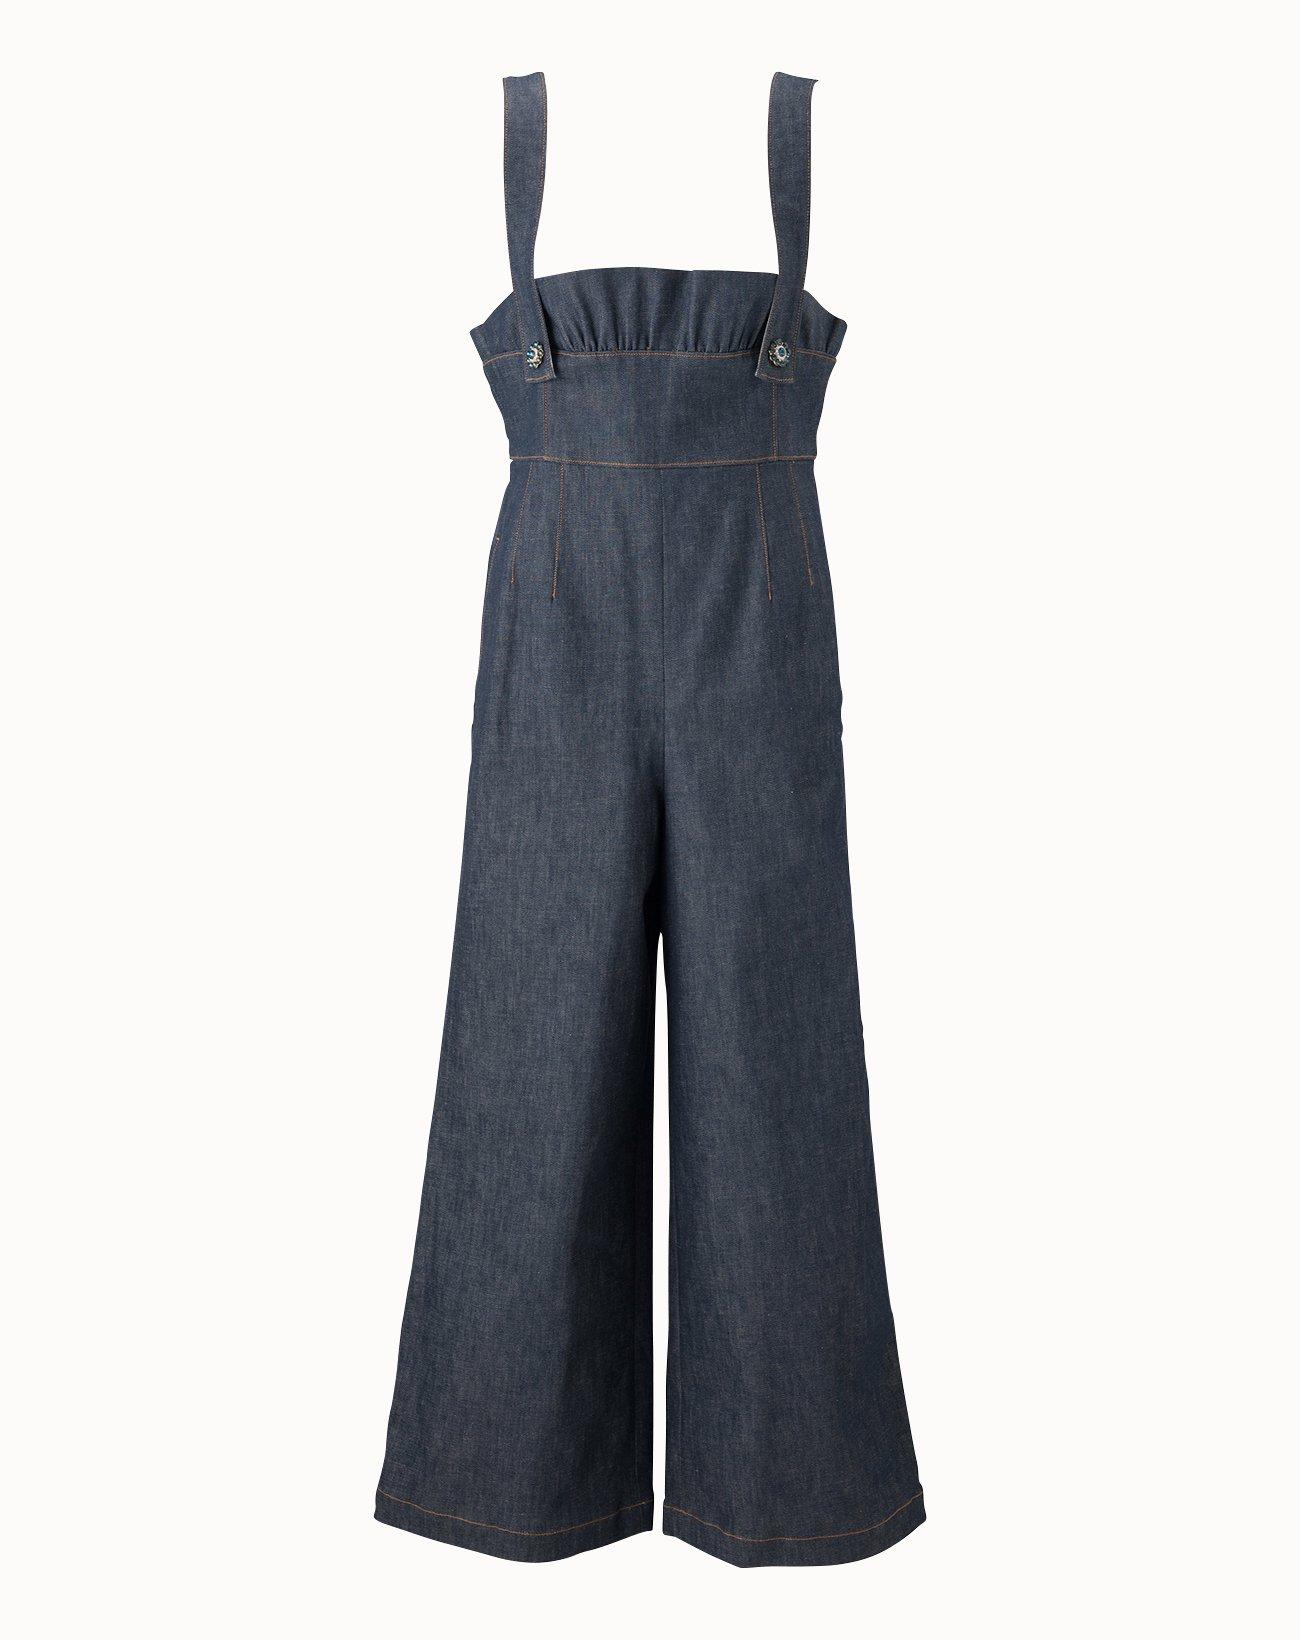 Stretch Denim Salopette Pants - Navy